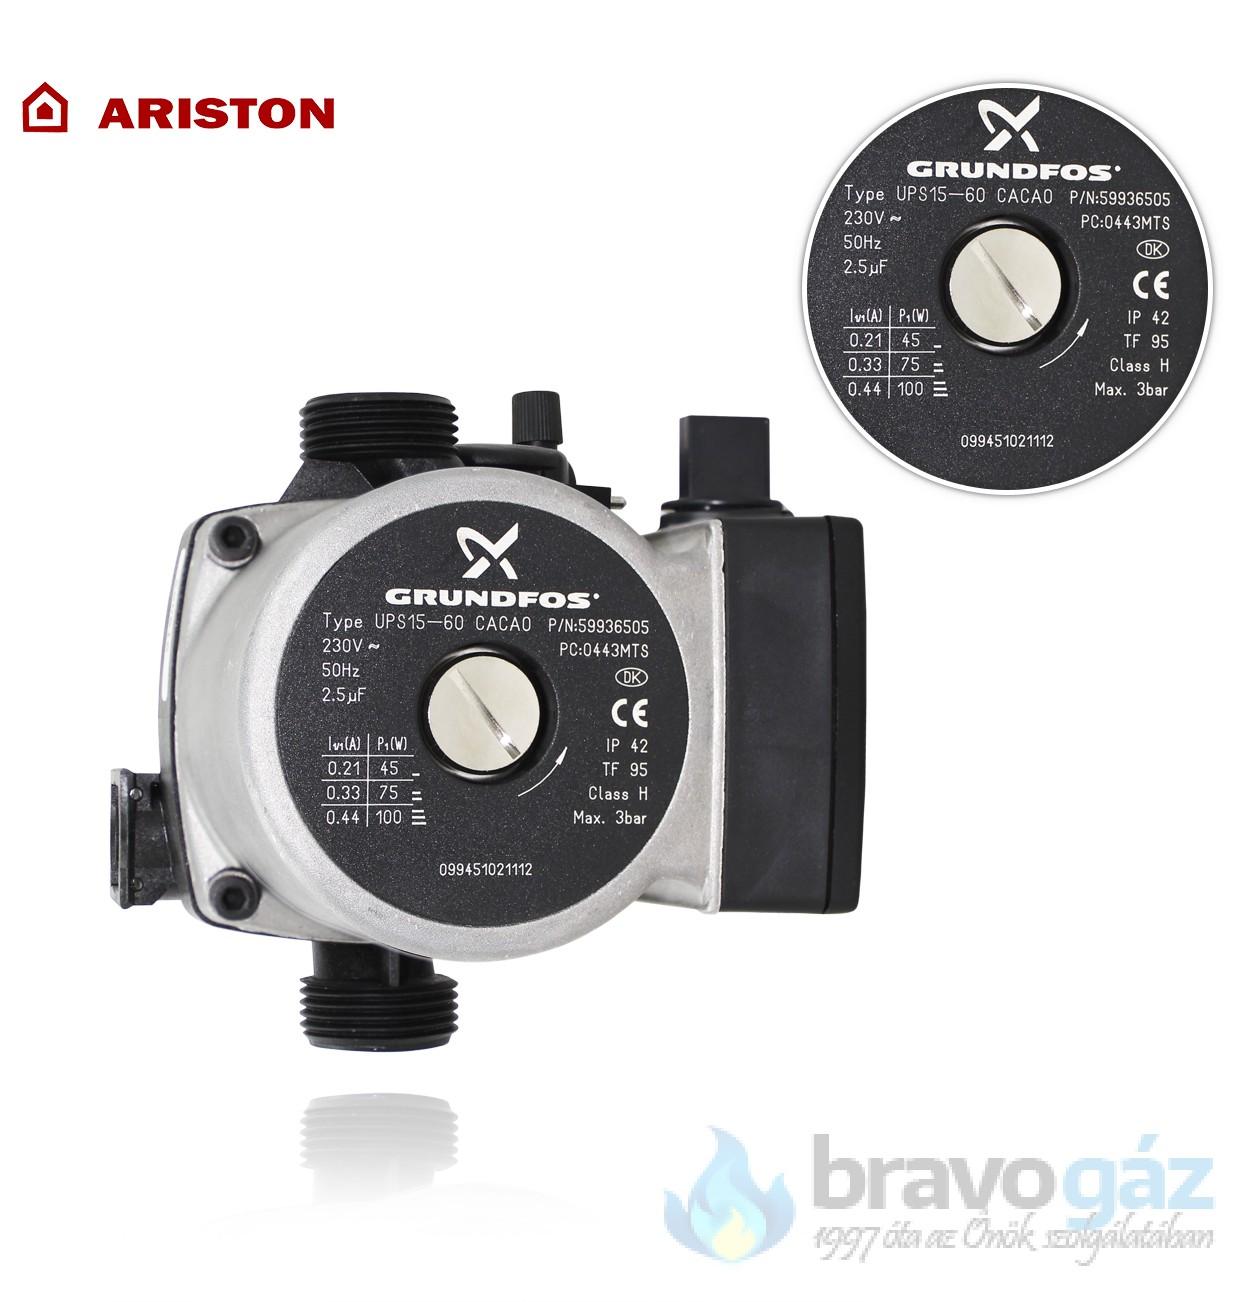 Ariston szivattyú - 996613